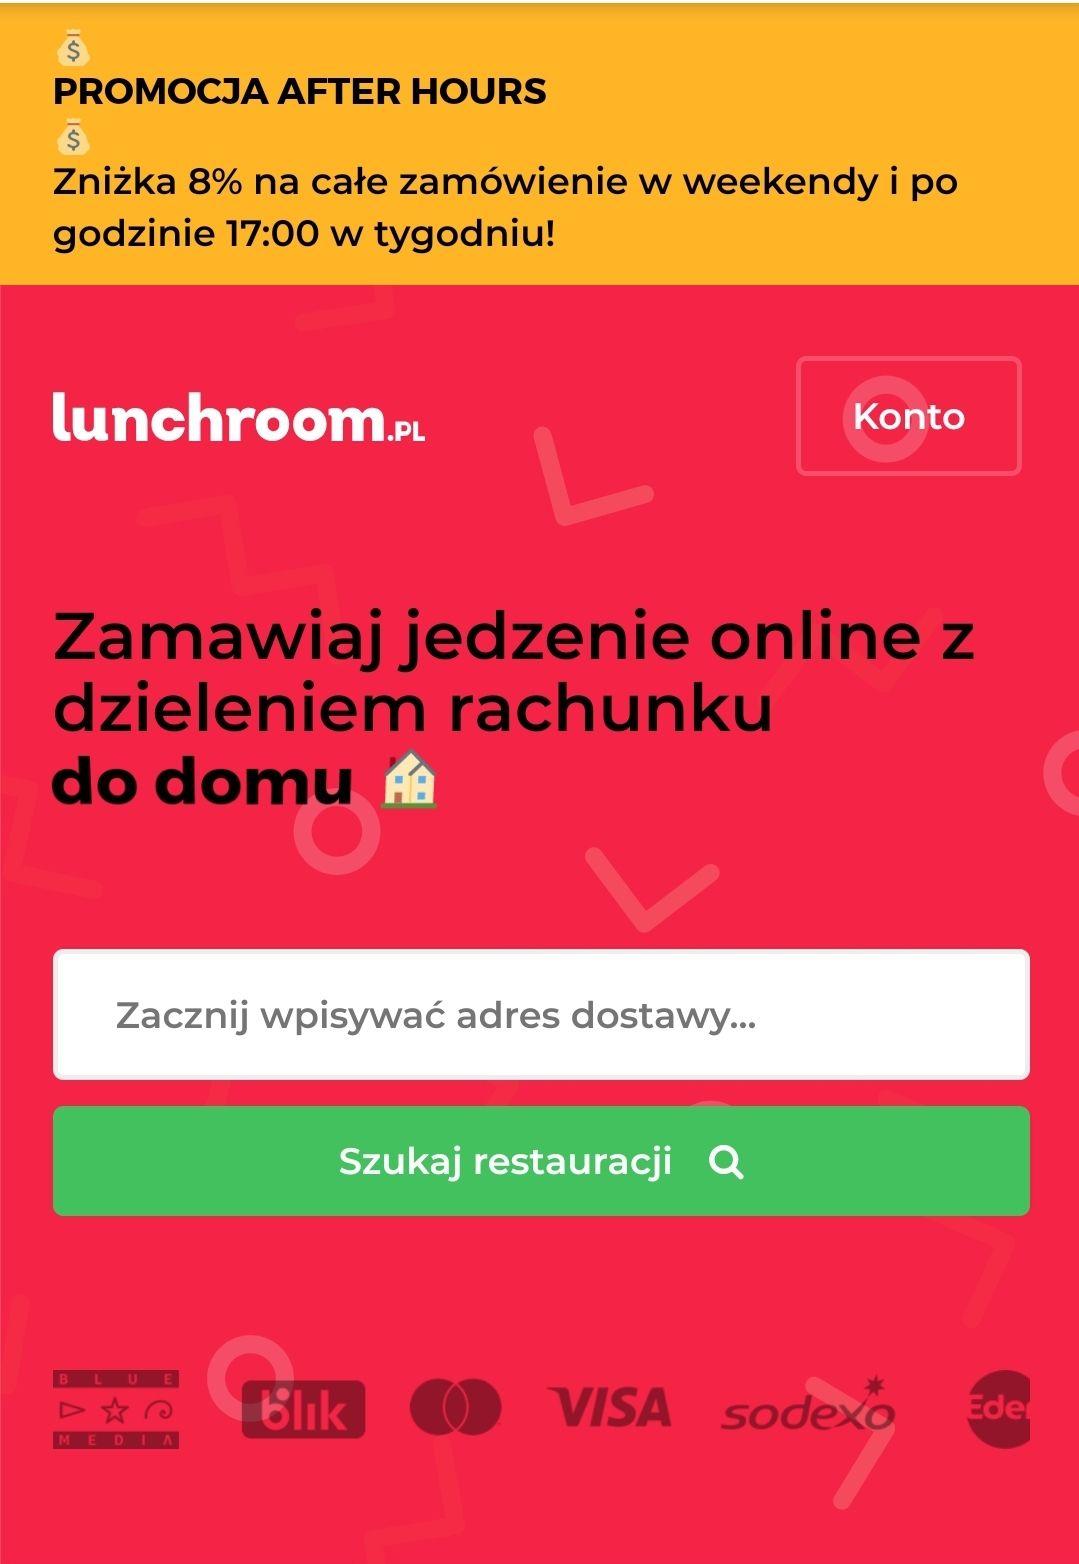 Lunchroom.pl (PizzaPortal) -8% na całe zamówienie w weekendy (caly dzień) oraz w tygodniu po 17:00